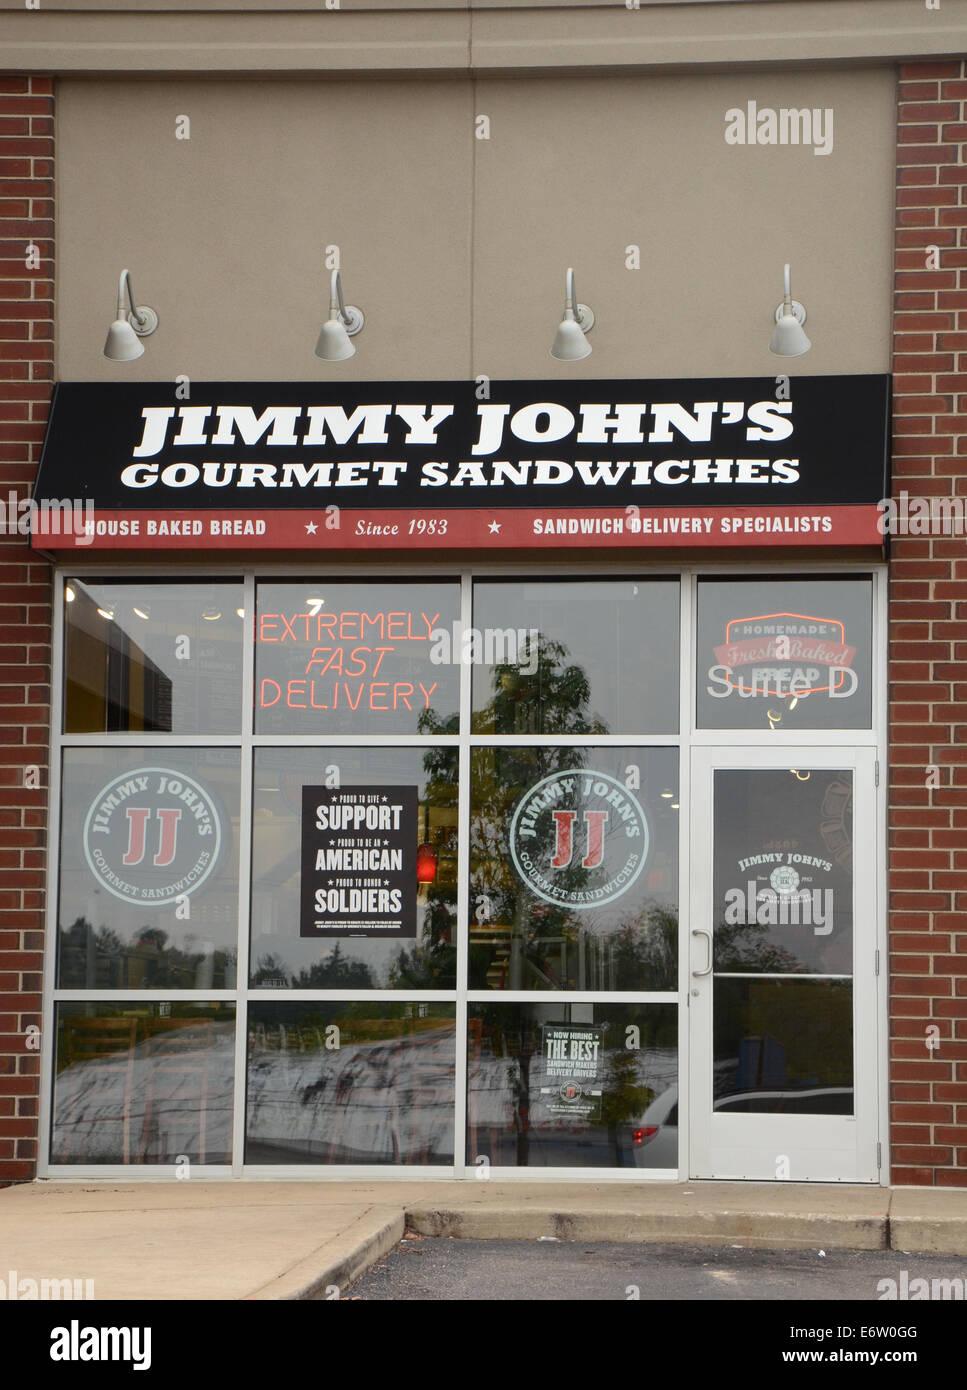 ANN ARBOR, MI - Agosto 24: Jimmy John's East Ann Arbor store es mostrado el 24 de agosto de 2014. Foto de stock